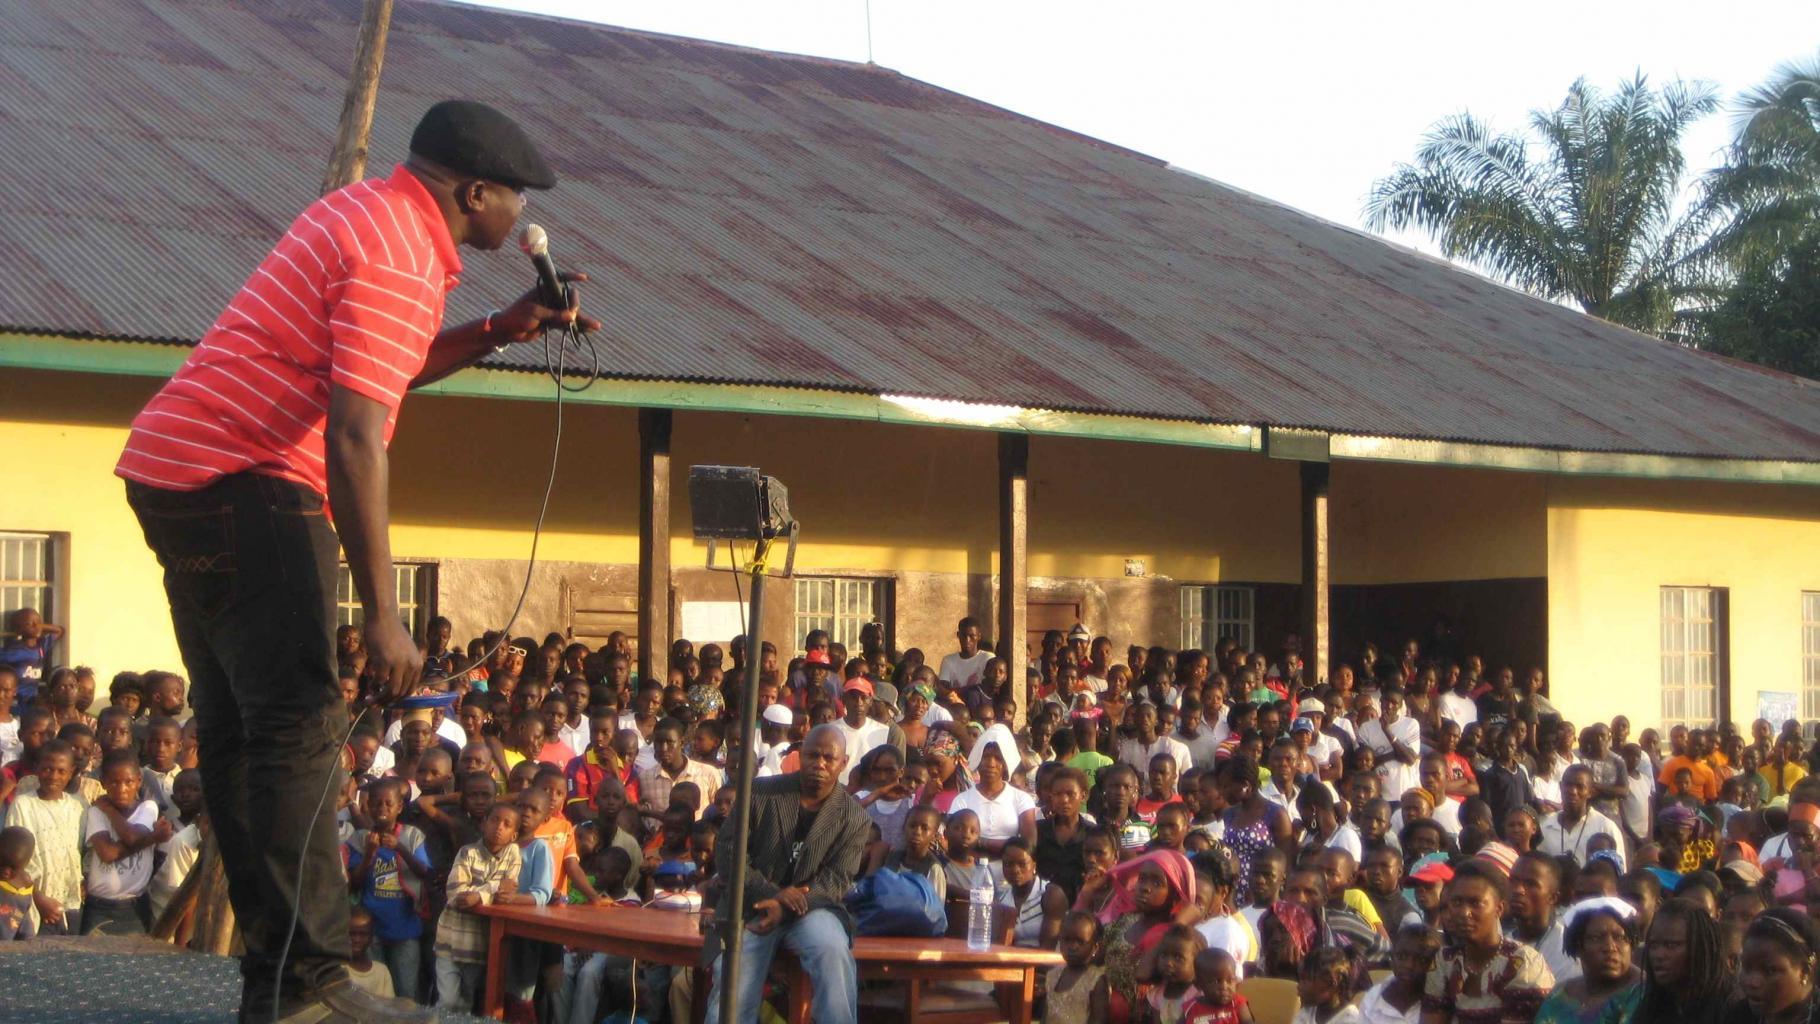 Ein Mann spricht von einer Bühne zum Publikum